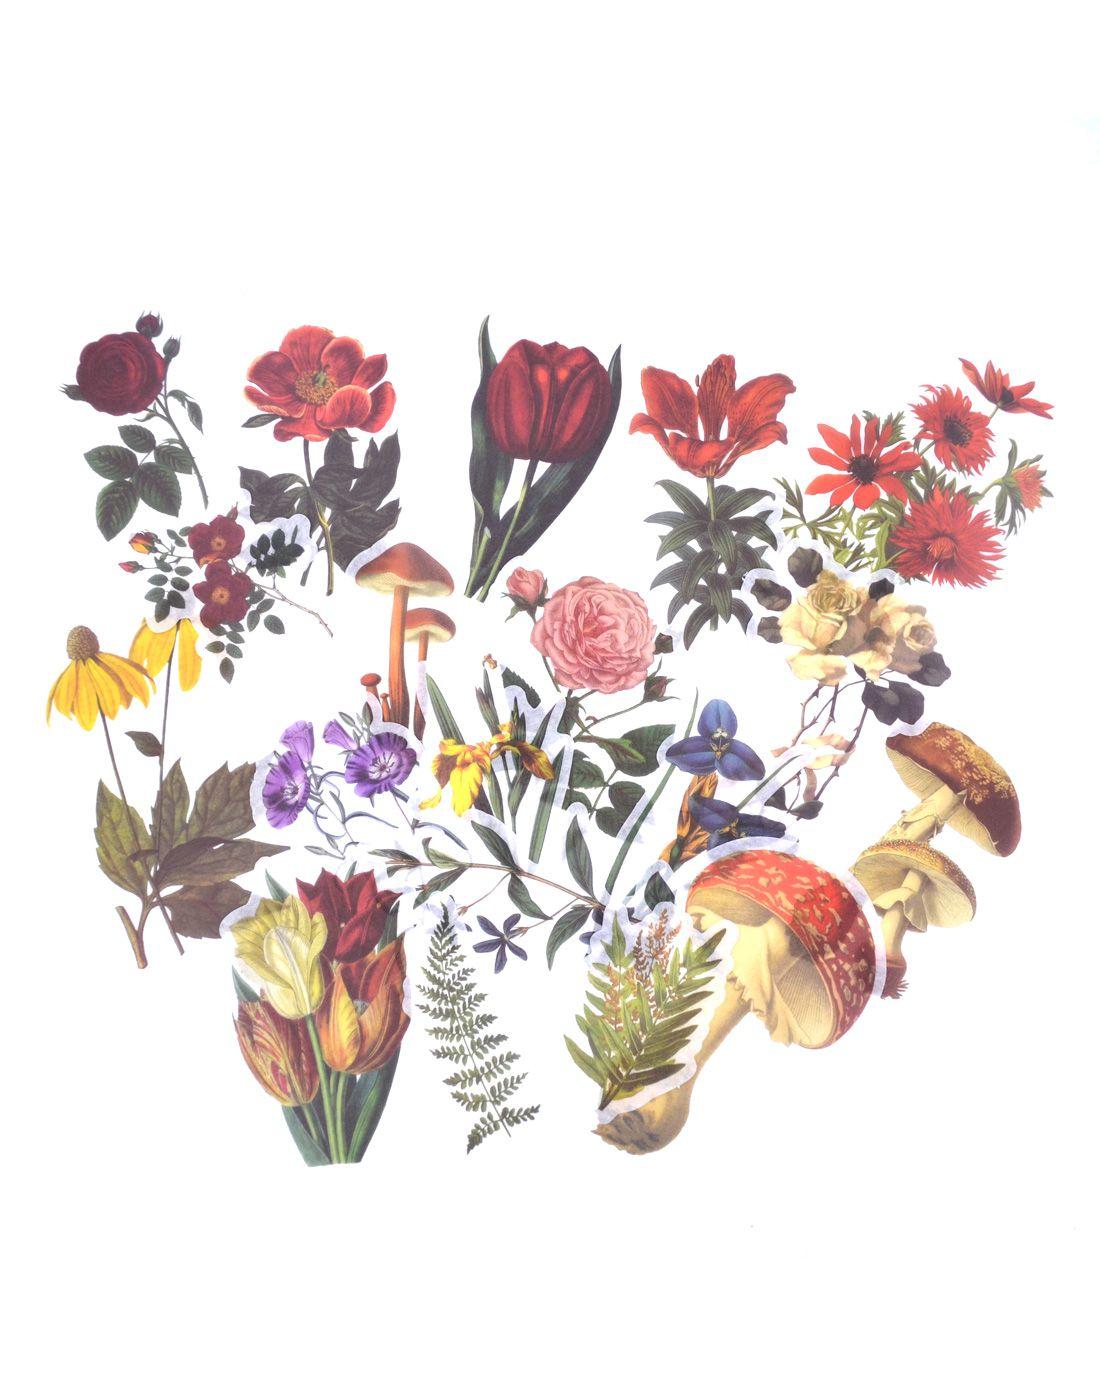 Adesivos - Vintage Flowers